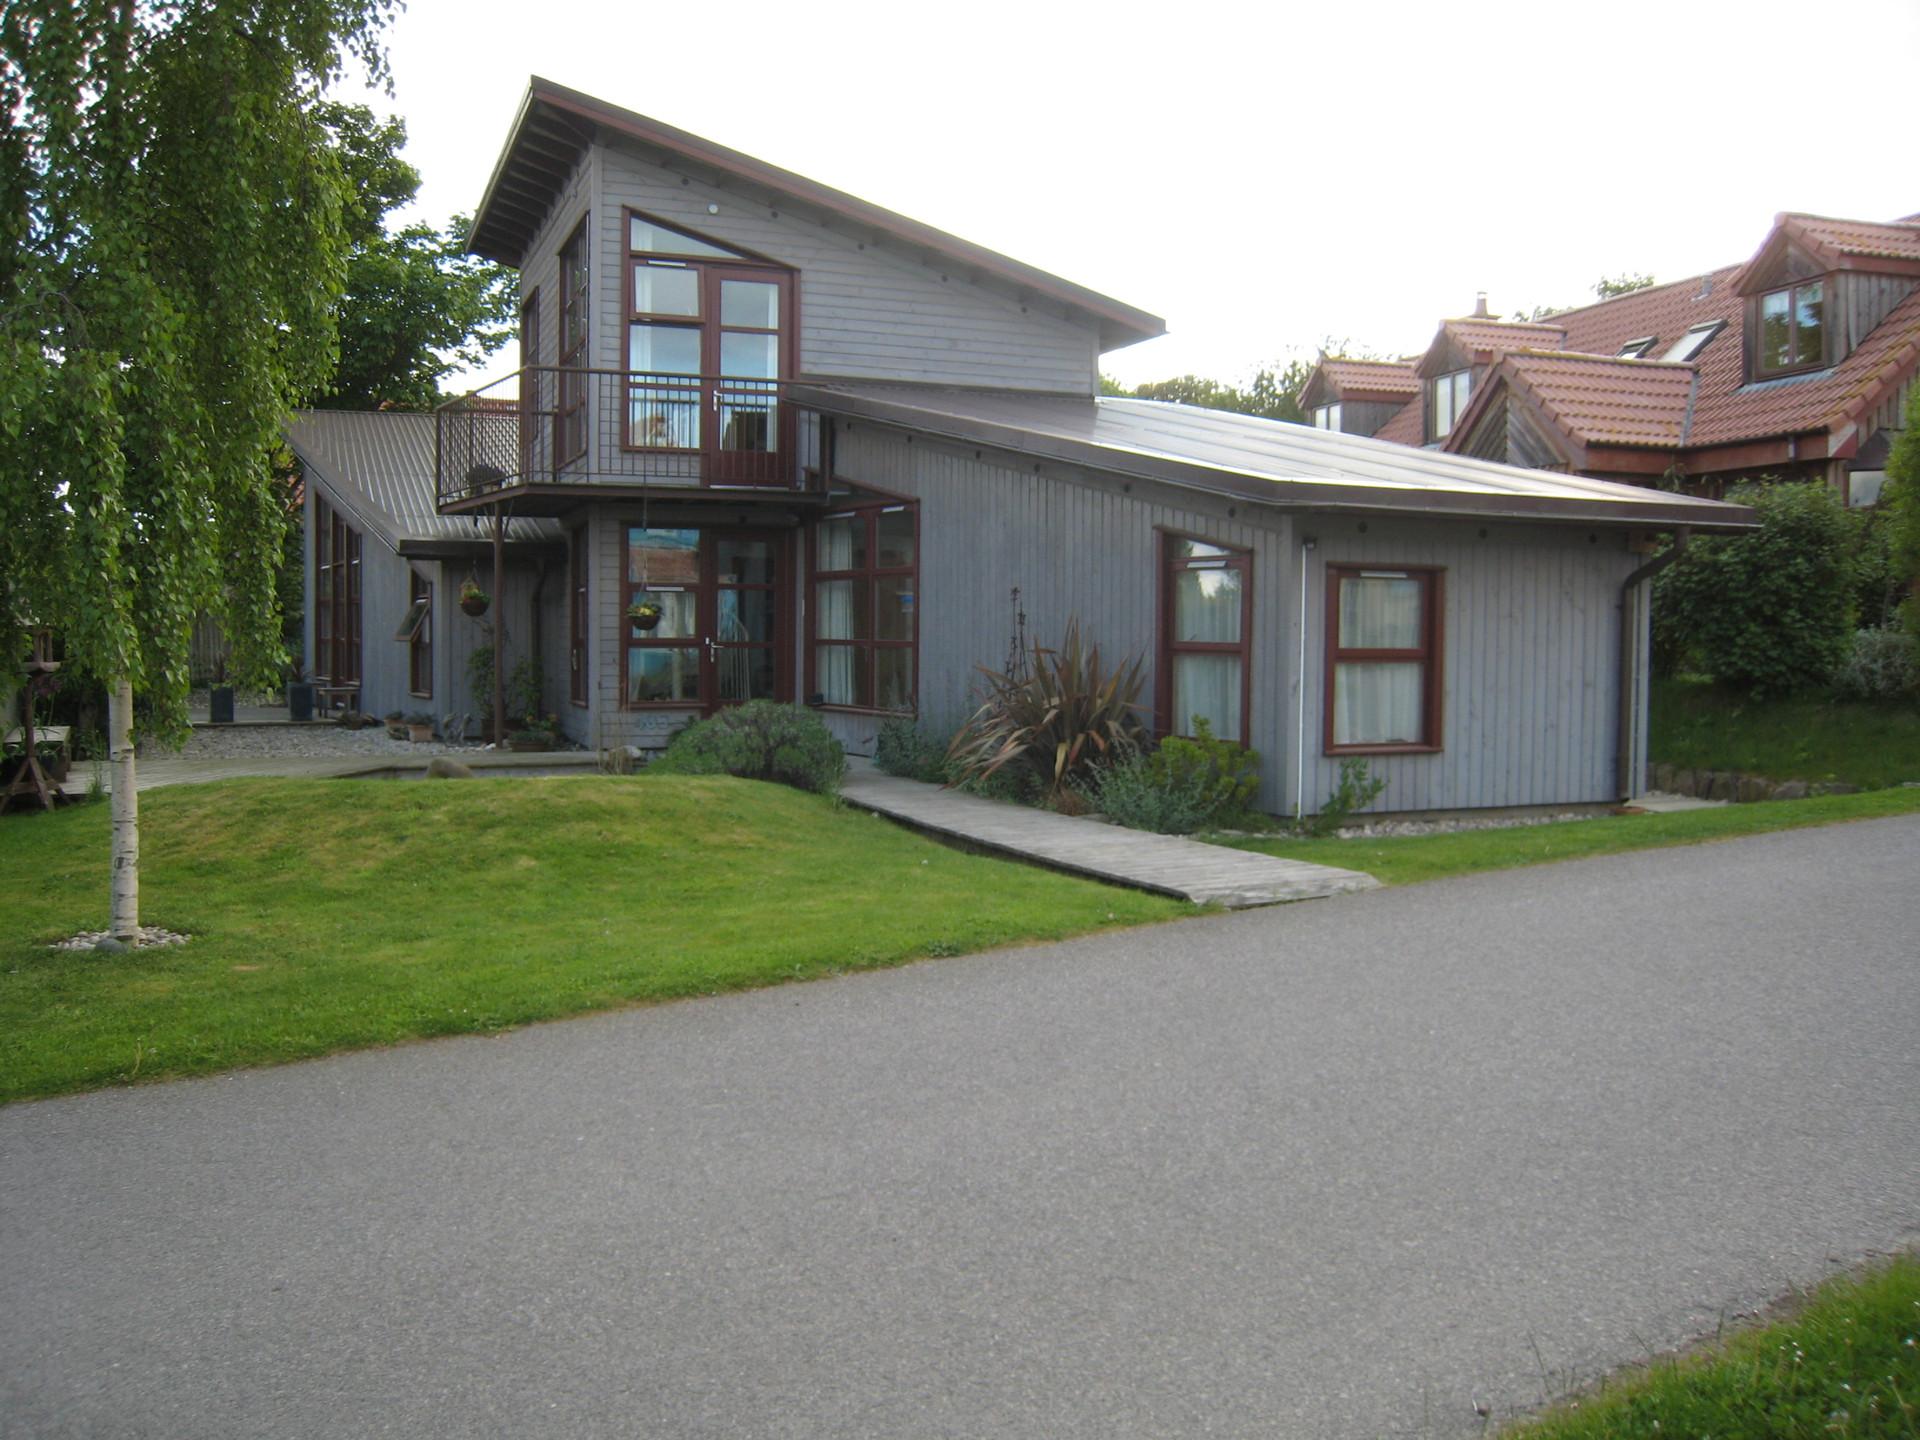 House in Finhorn